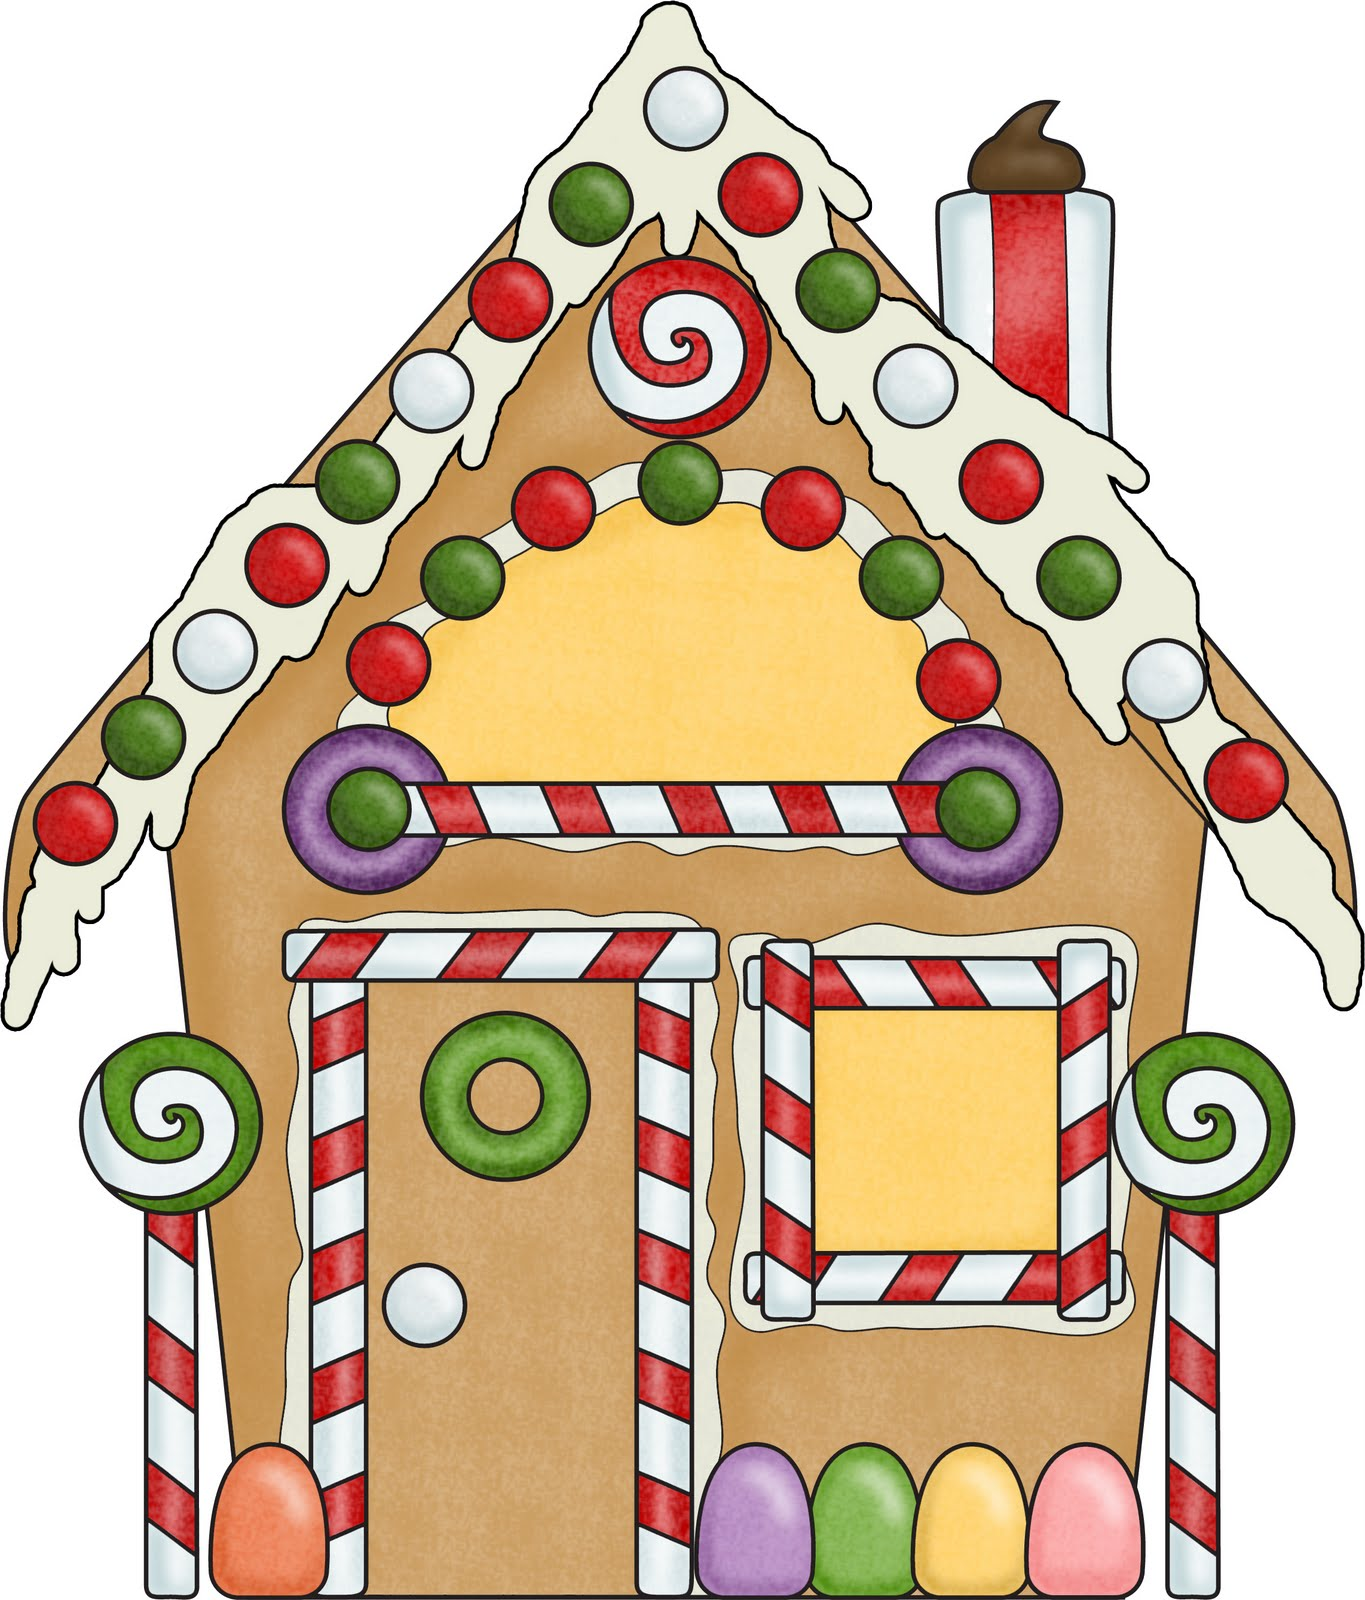 gingerbread-clip-art-LTKrk6qjc